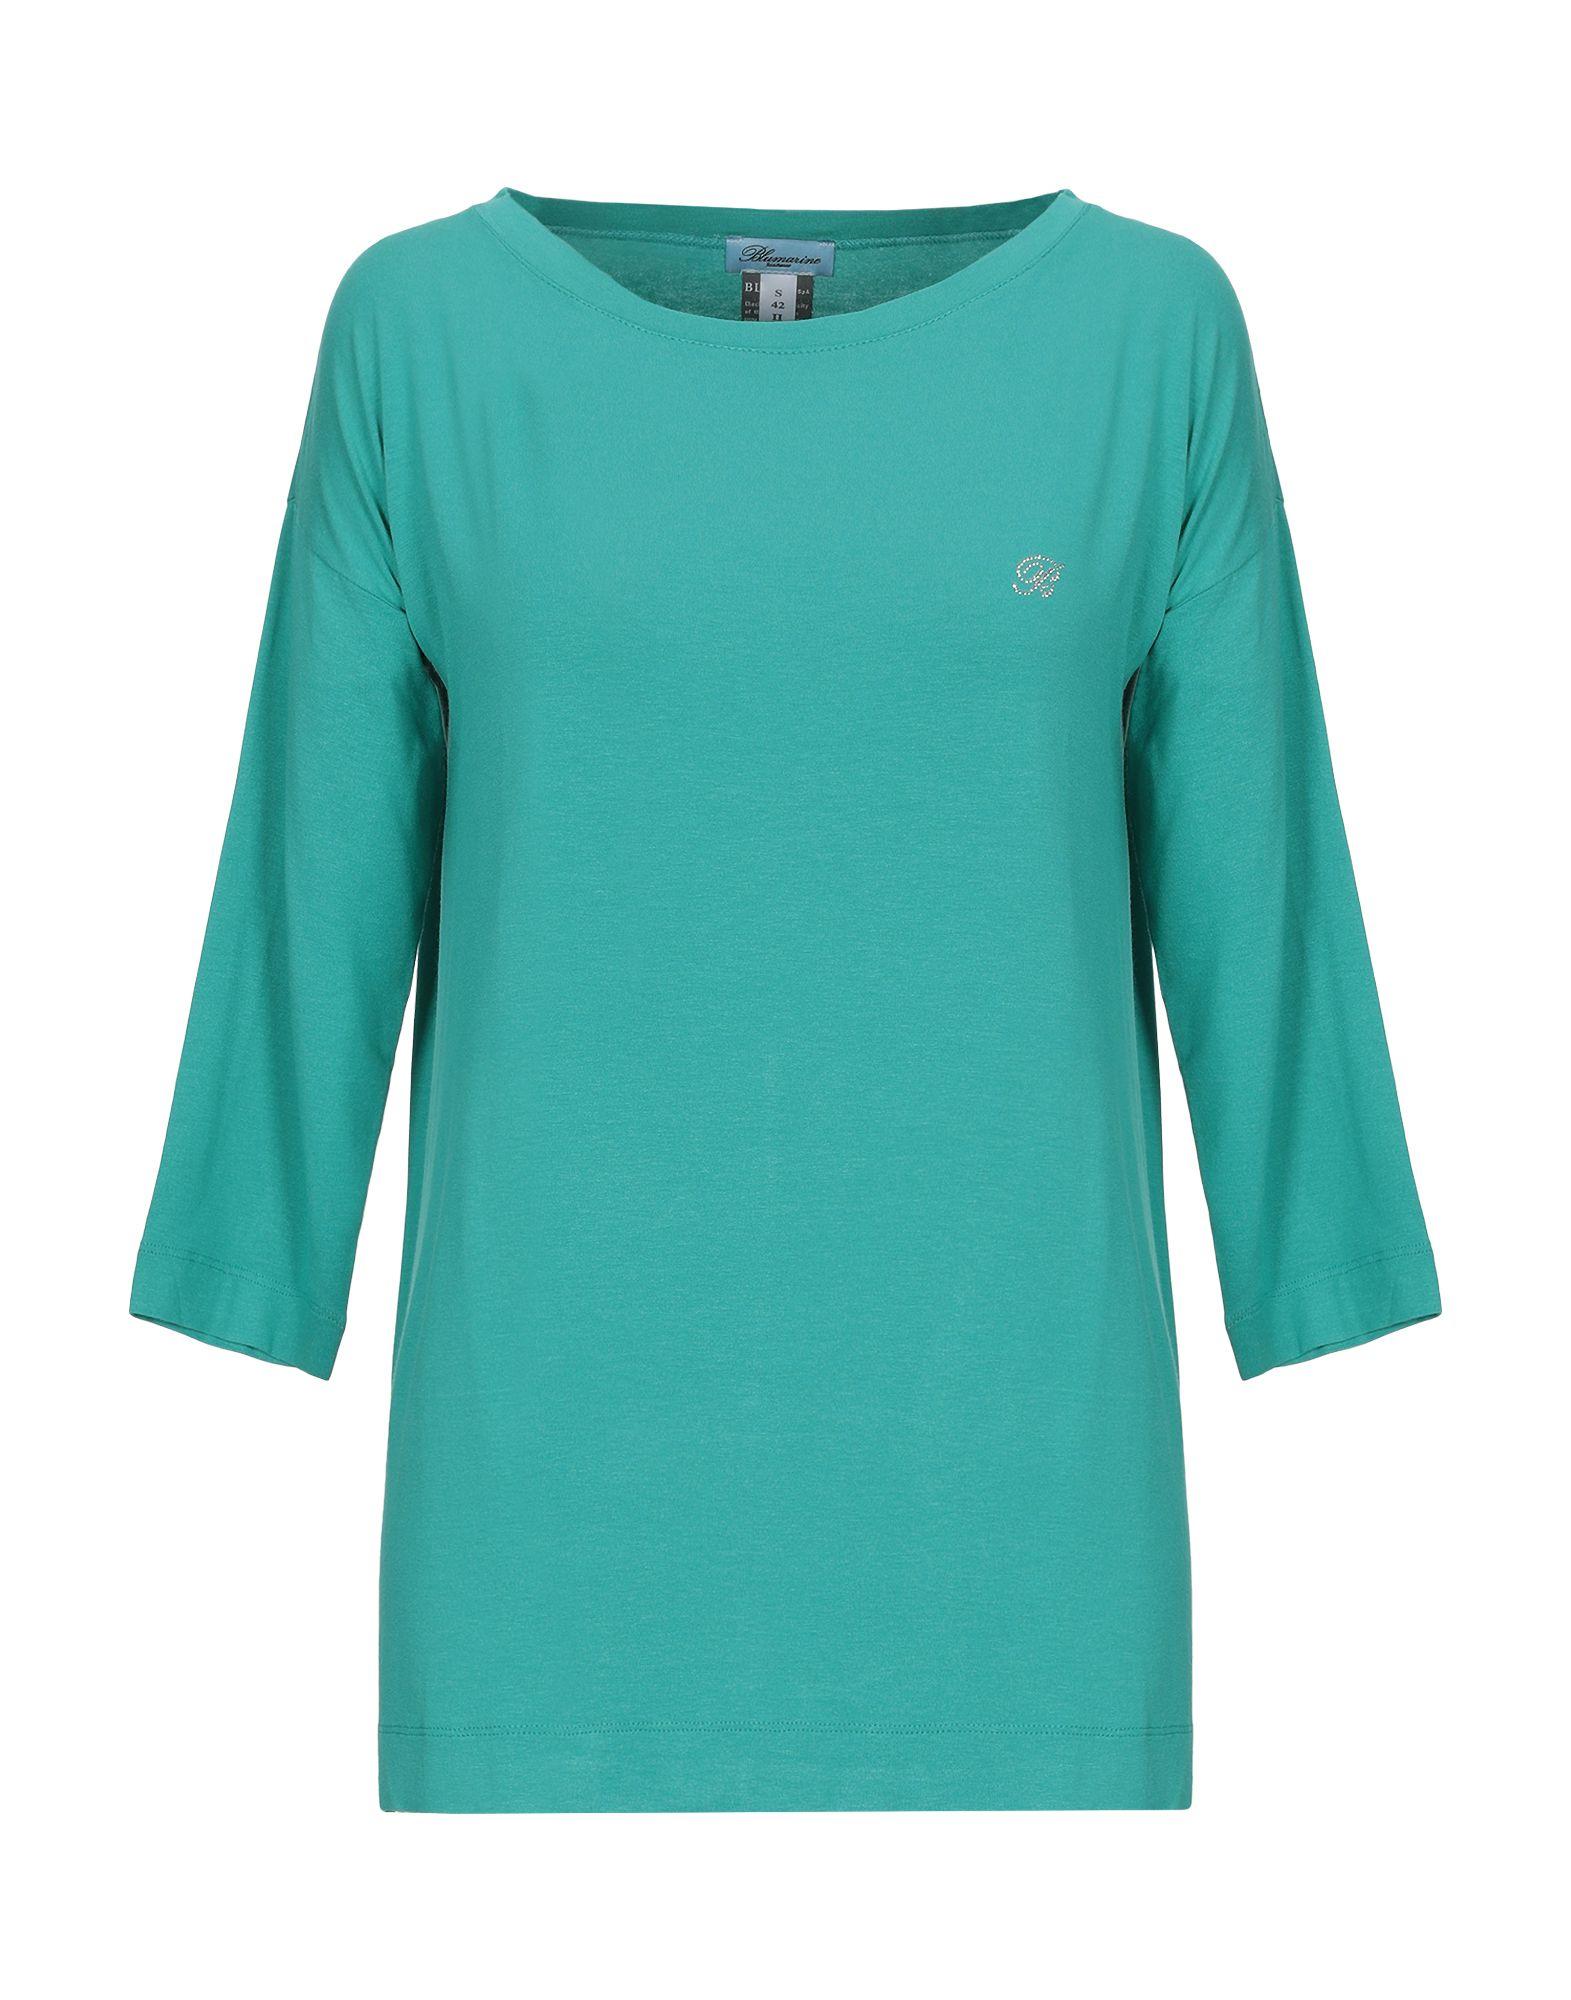 BLUMARINE BEACHWEAR Футболка blugirl blumarine beachwear слитный купальник